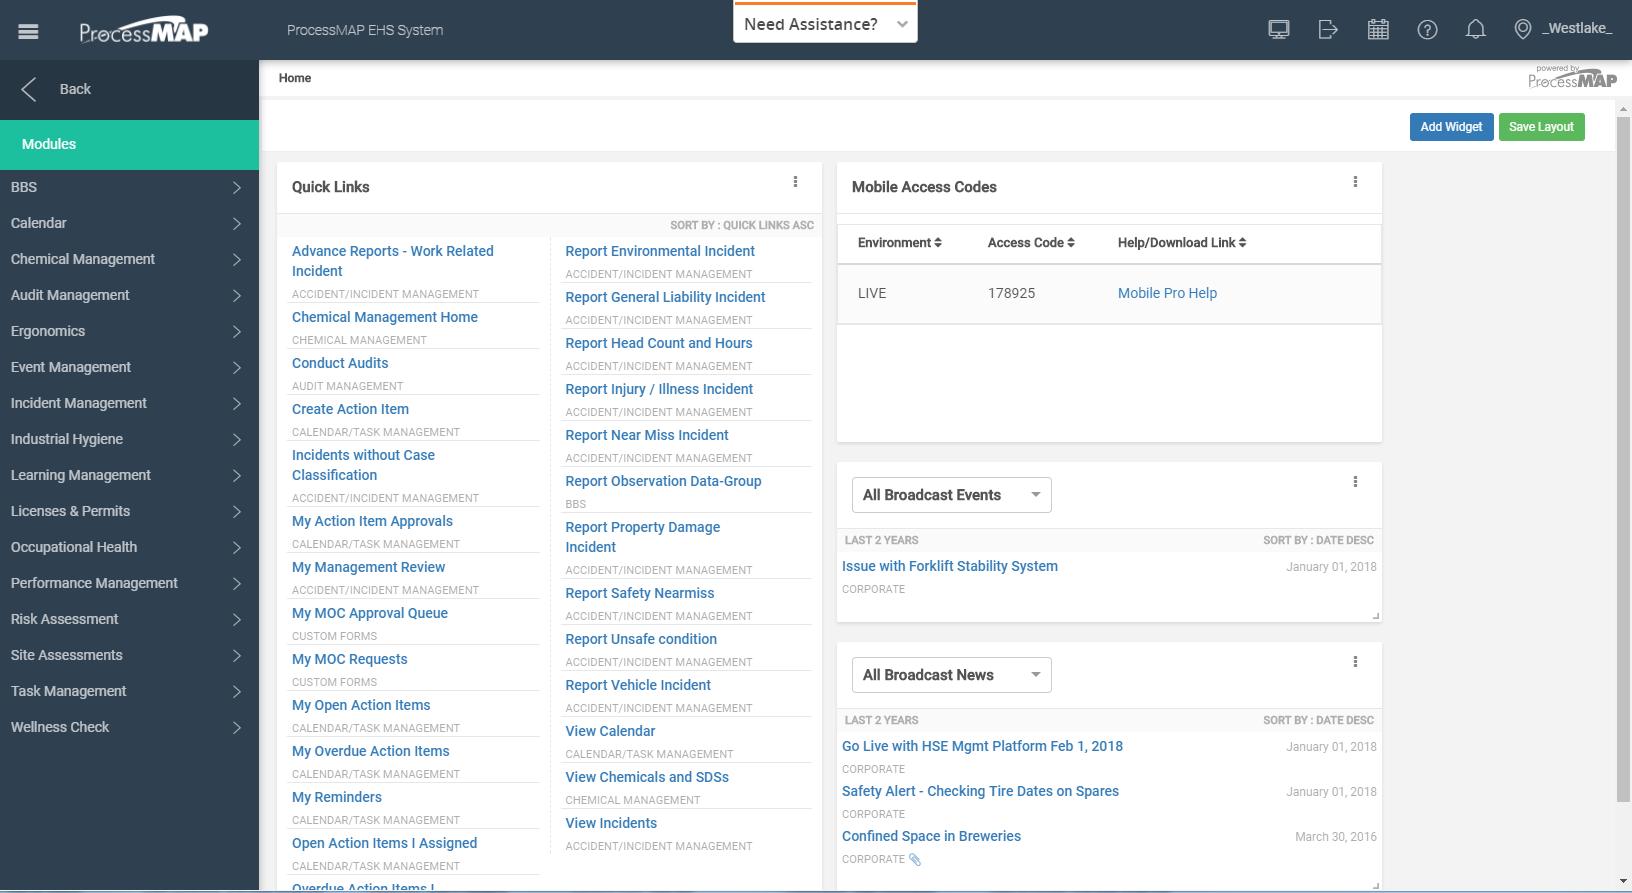 ProcessMAP EHS Platform Software - Home screen